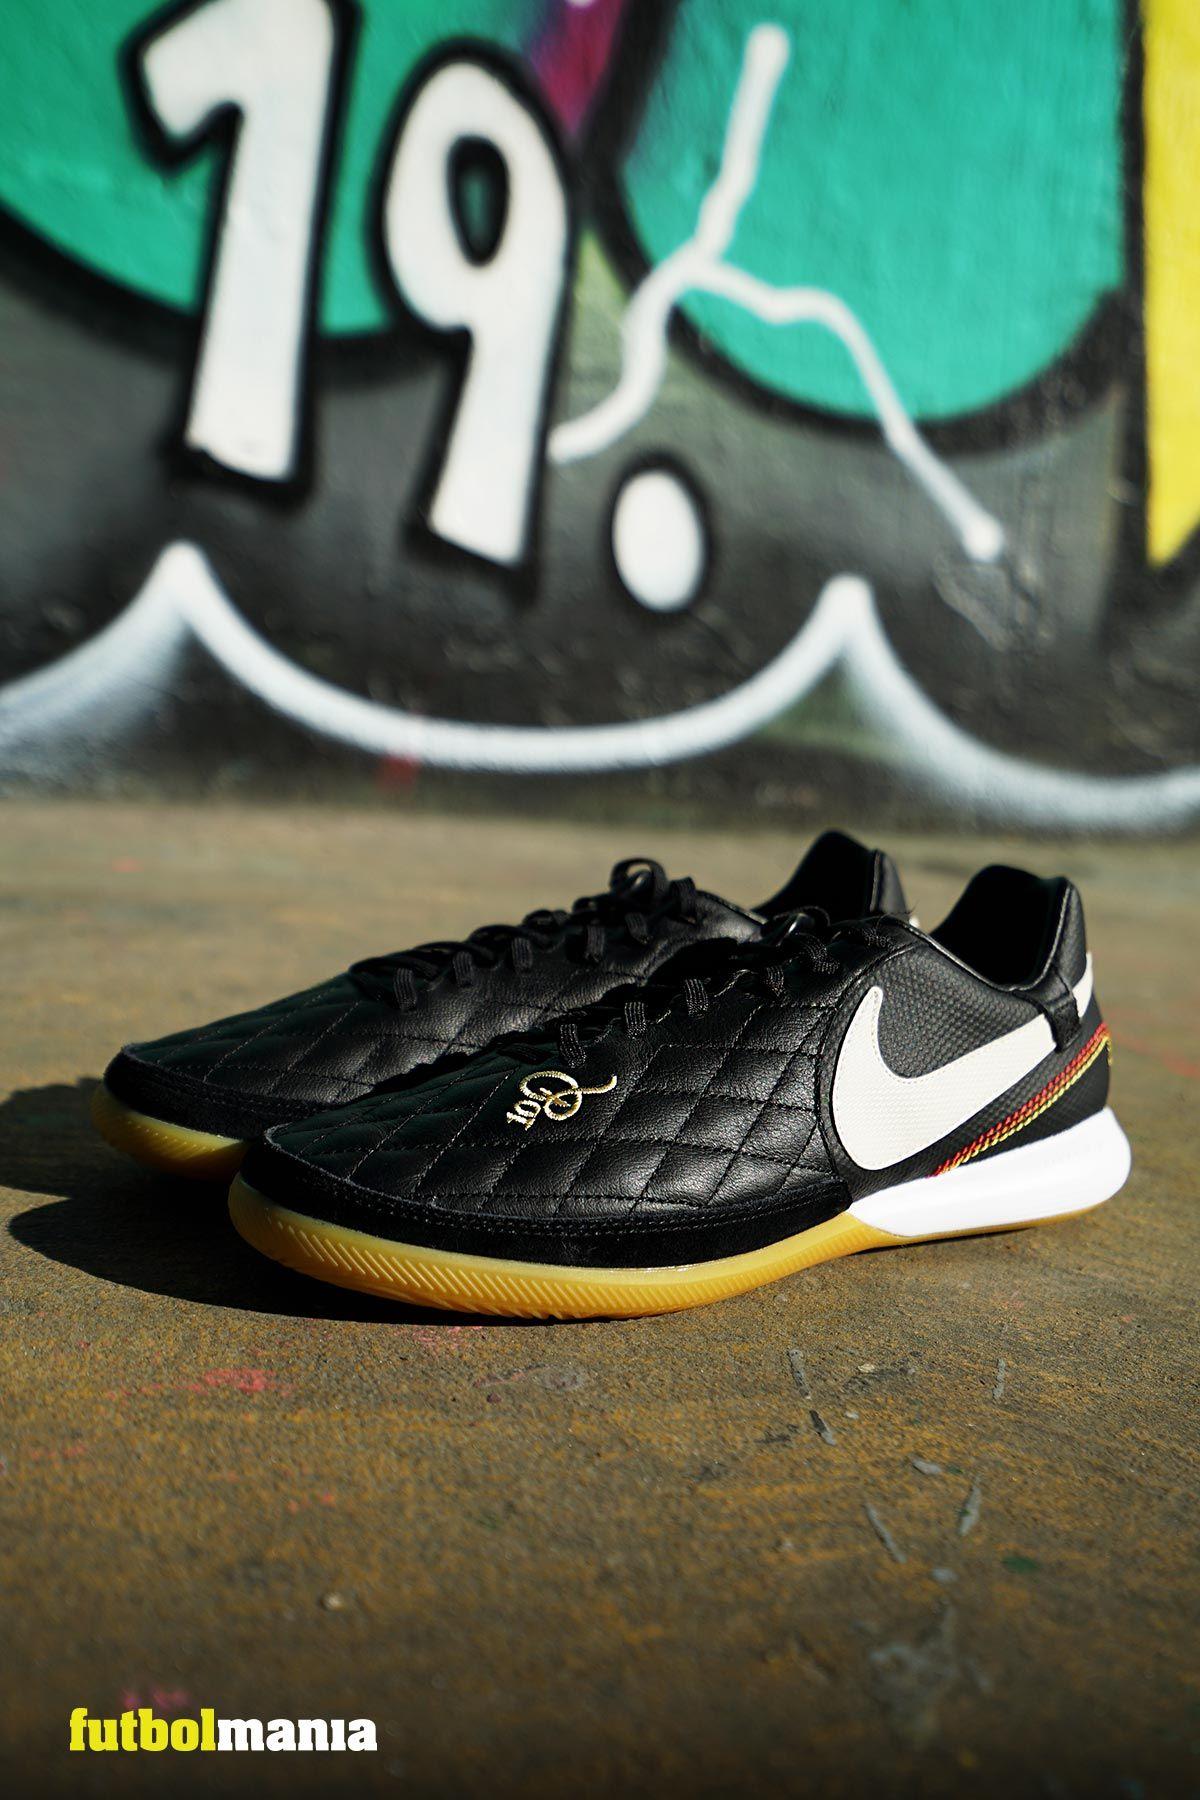 new concept 4e4dc a17d3 Zapatillas De Futbol Sala, Camisetas De Equipo, Zapatos De Fútbol, Botas,  Mundo